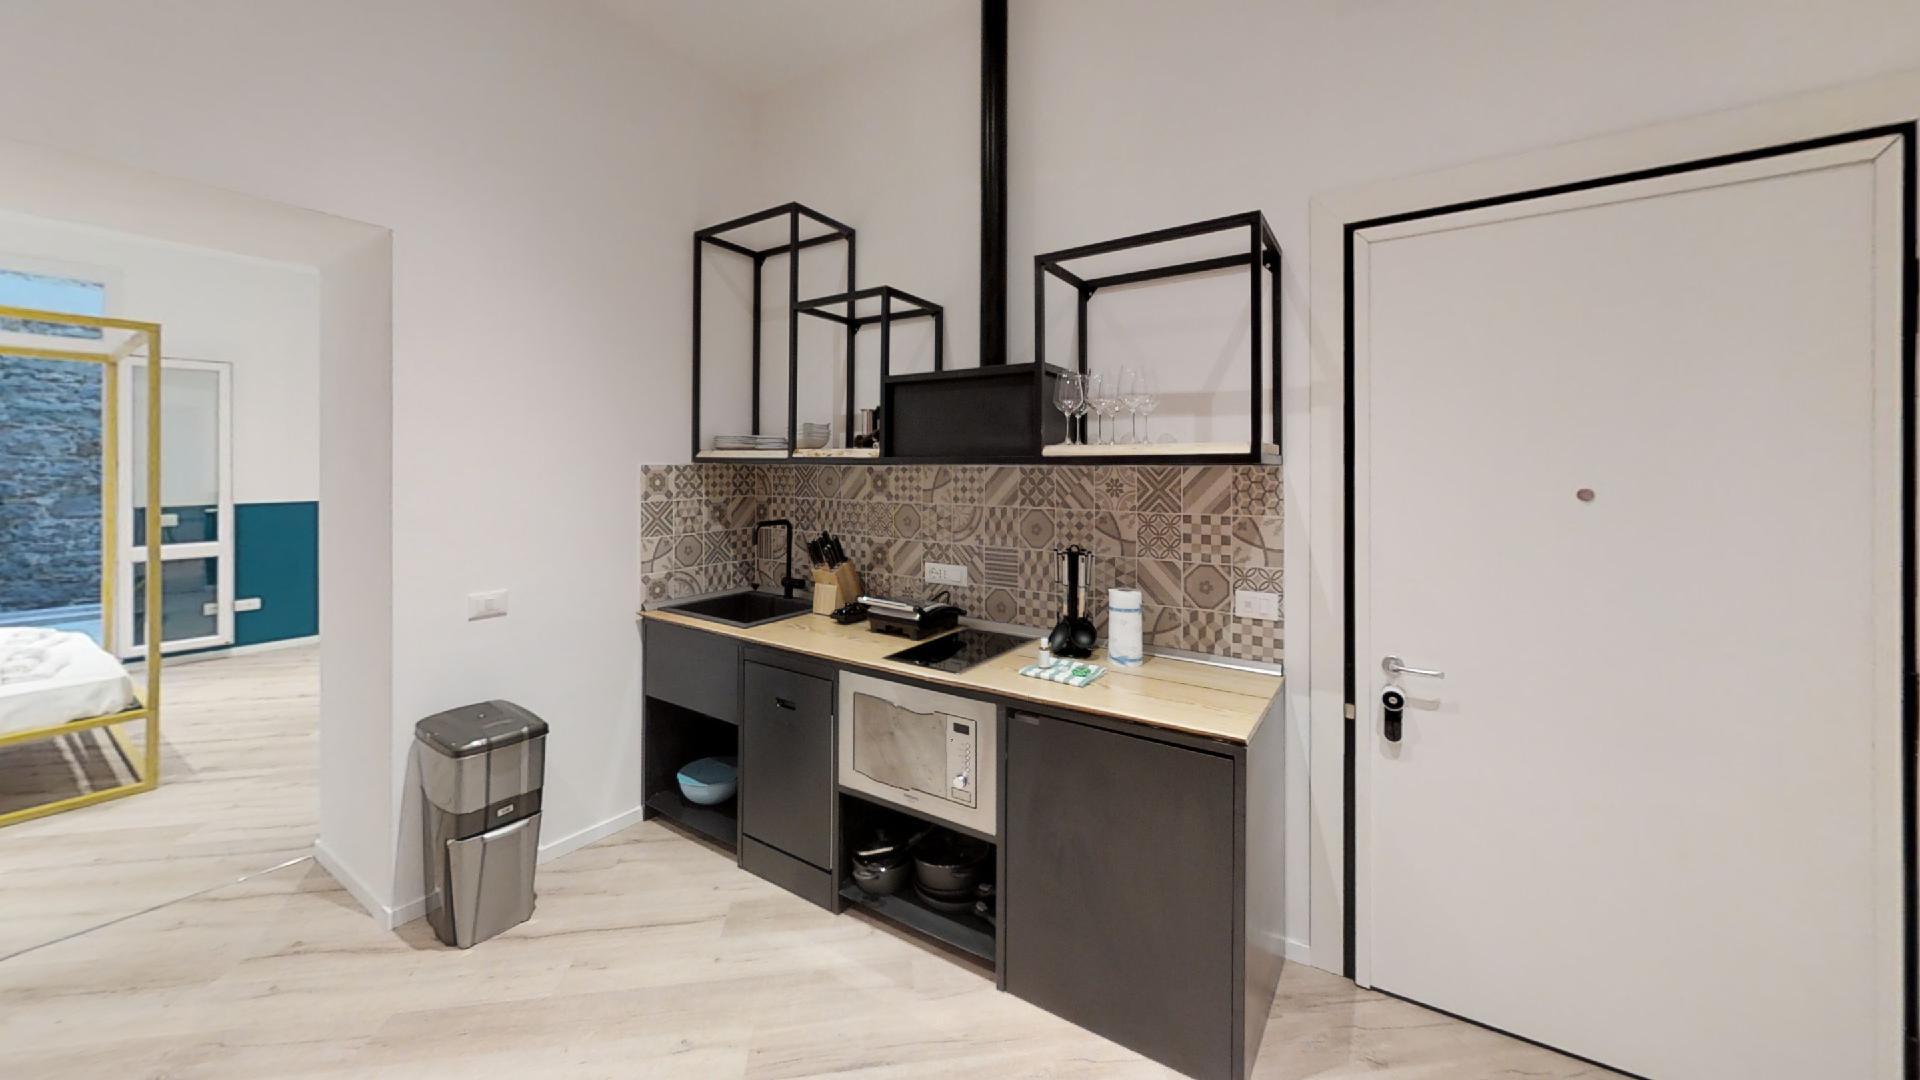 Mobili Su Misura Trieste ♡triestevillas cereria double apartment - old town